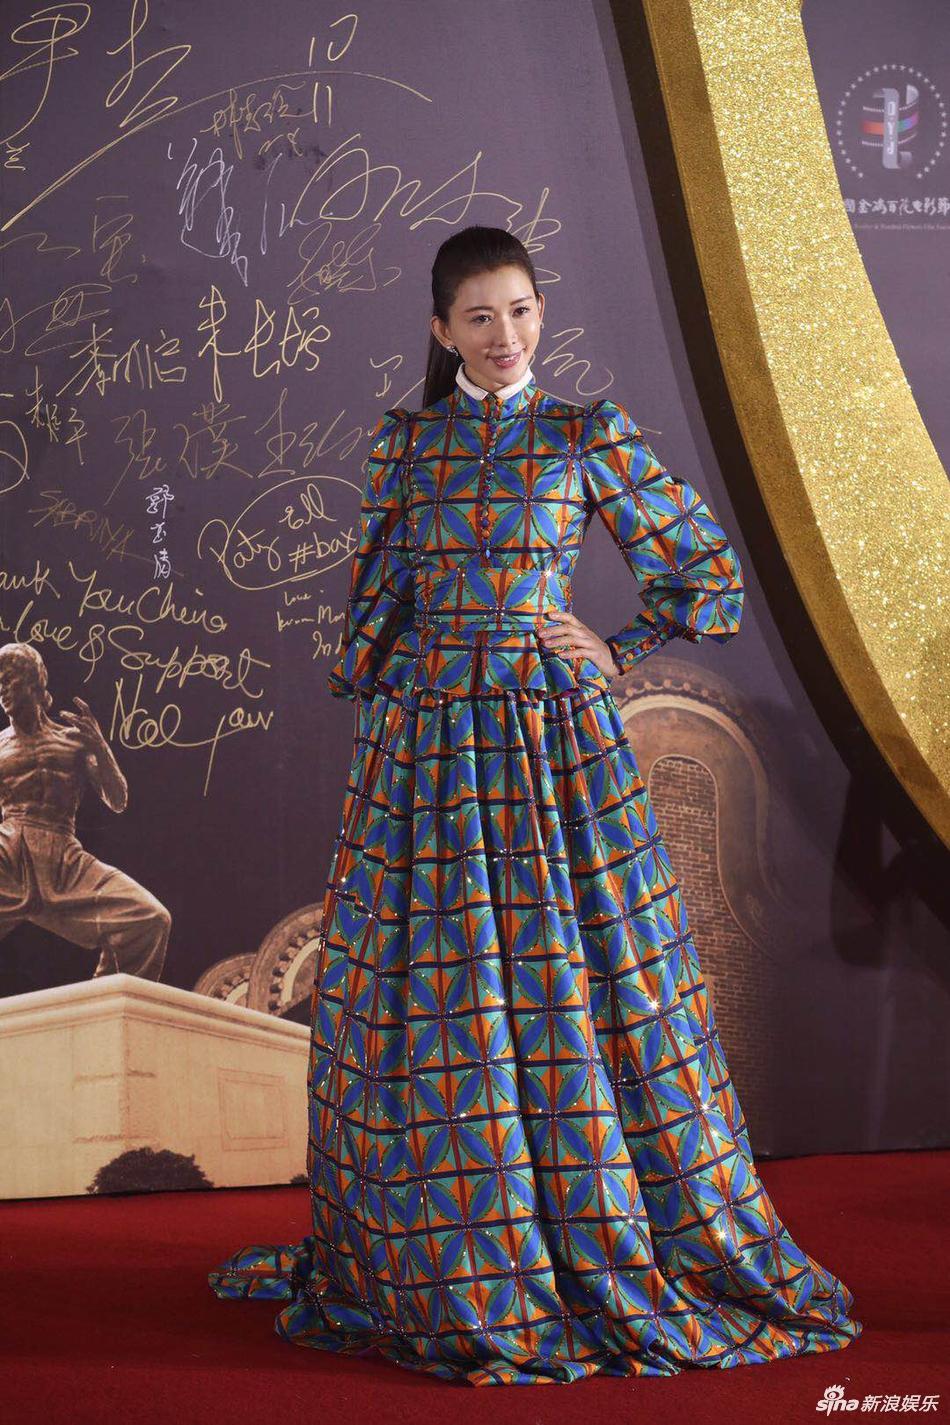 林志玲百花奖礼服怎么了 网友:这是林志玲穿衣最错的一次 娱乐 热图3